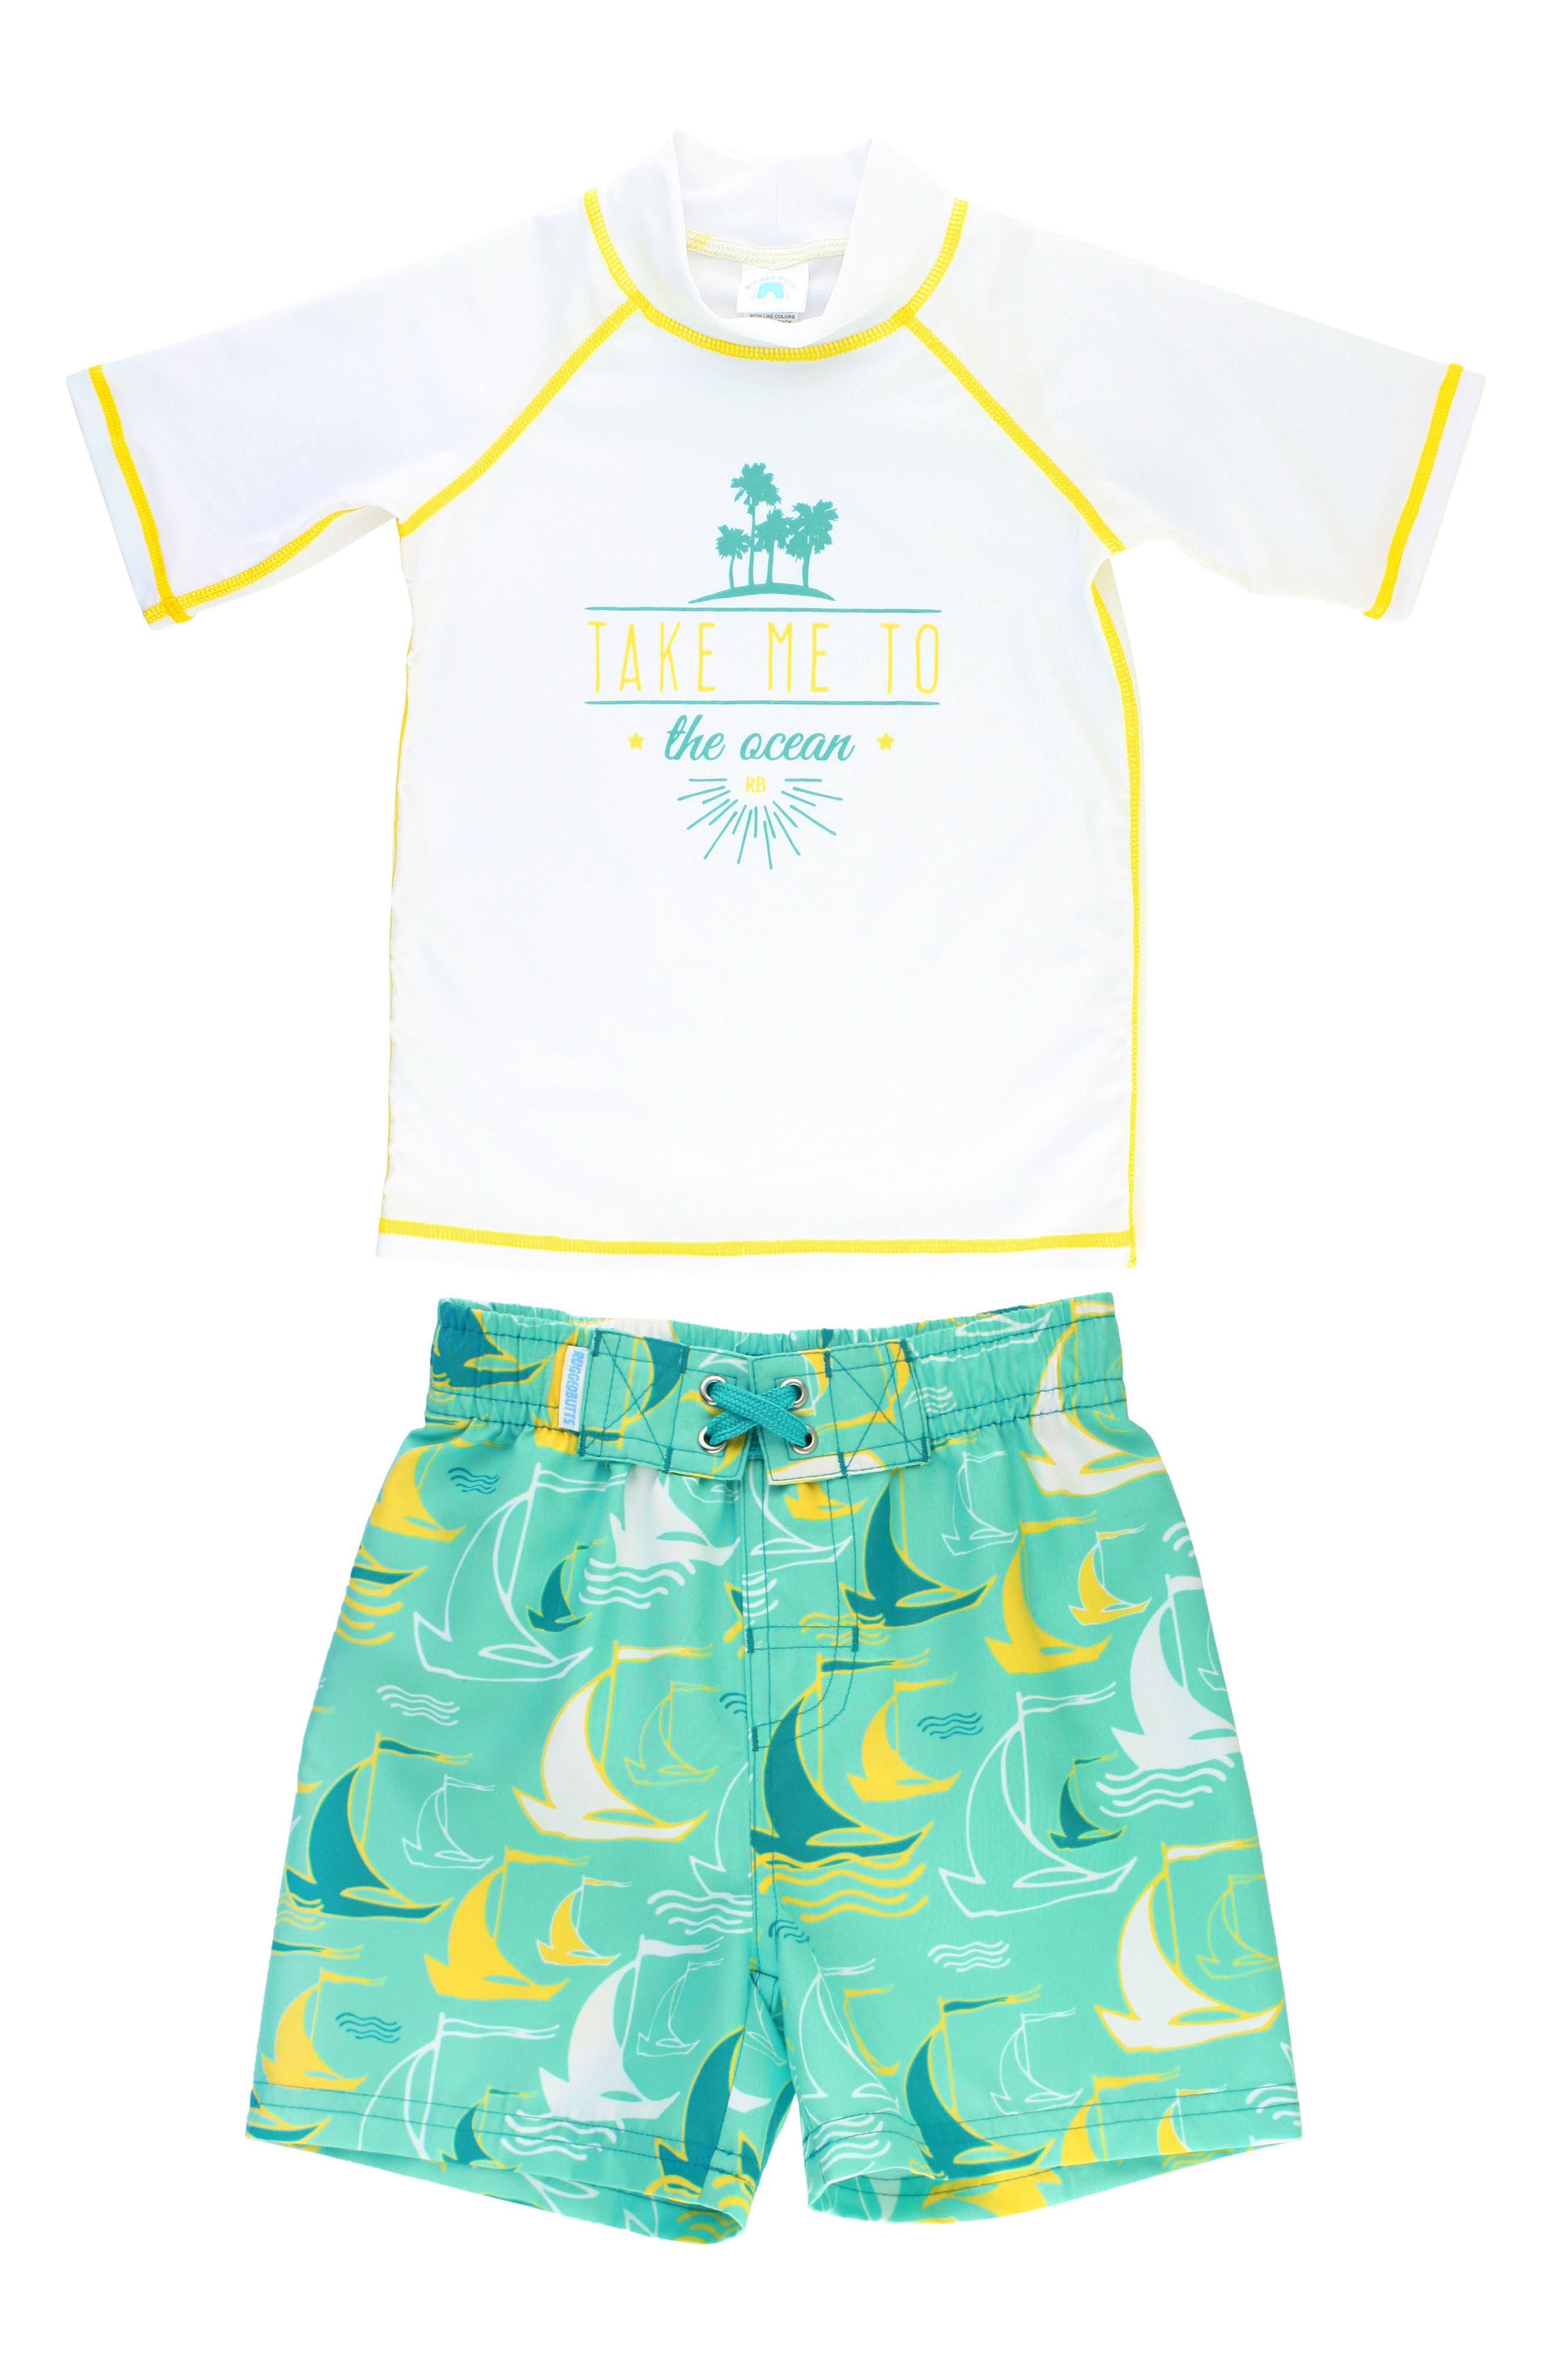 Take Me to the Ocean Rashguard & Board Shorts Set,                             Main thumbnail 1, color,                             400